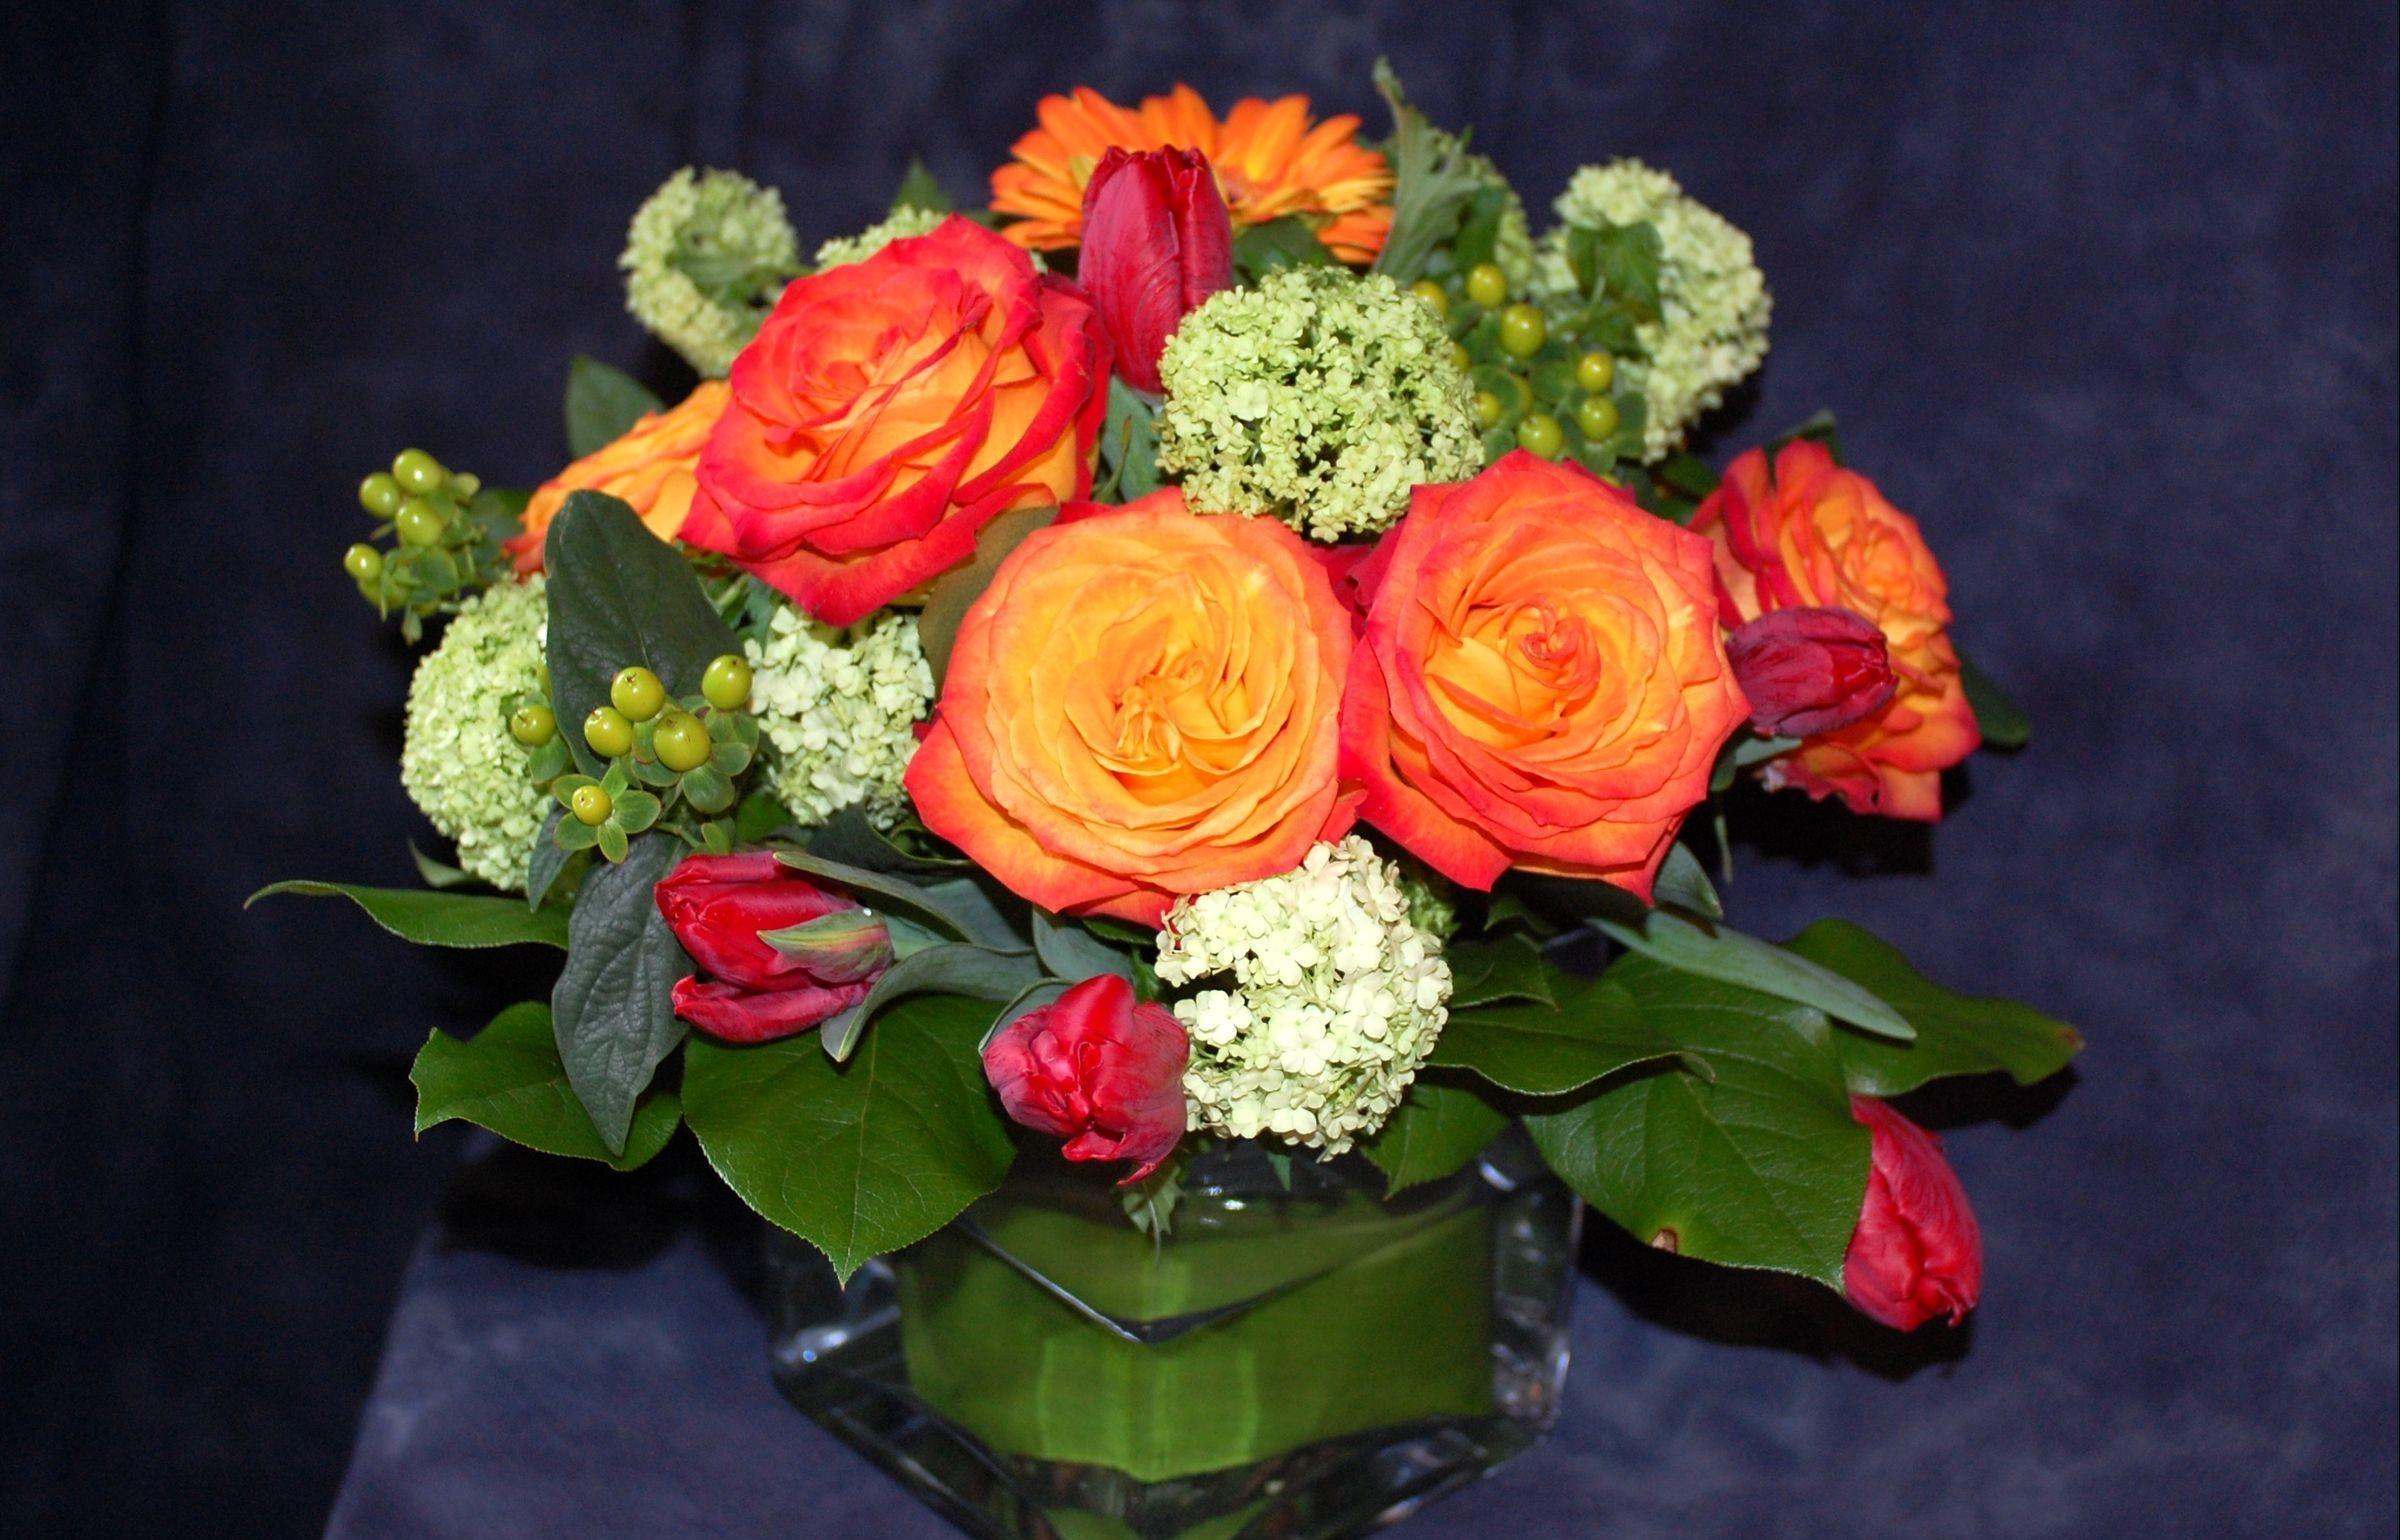 58617 скачать обои Цветы, Букет, Композиция, Зелень, Розы - заставки и картинки бесплатно